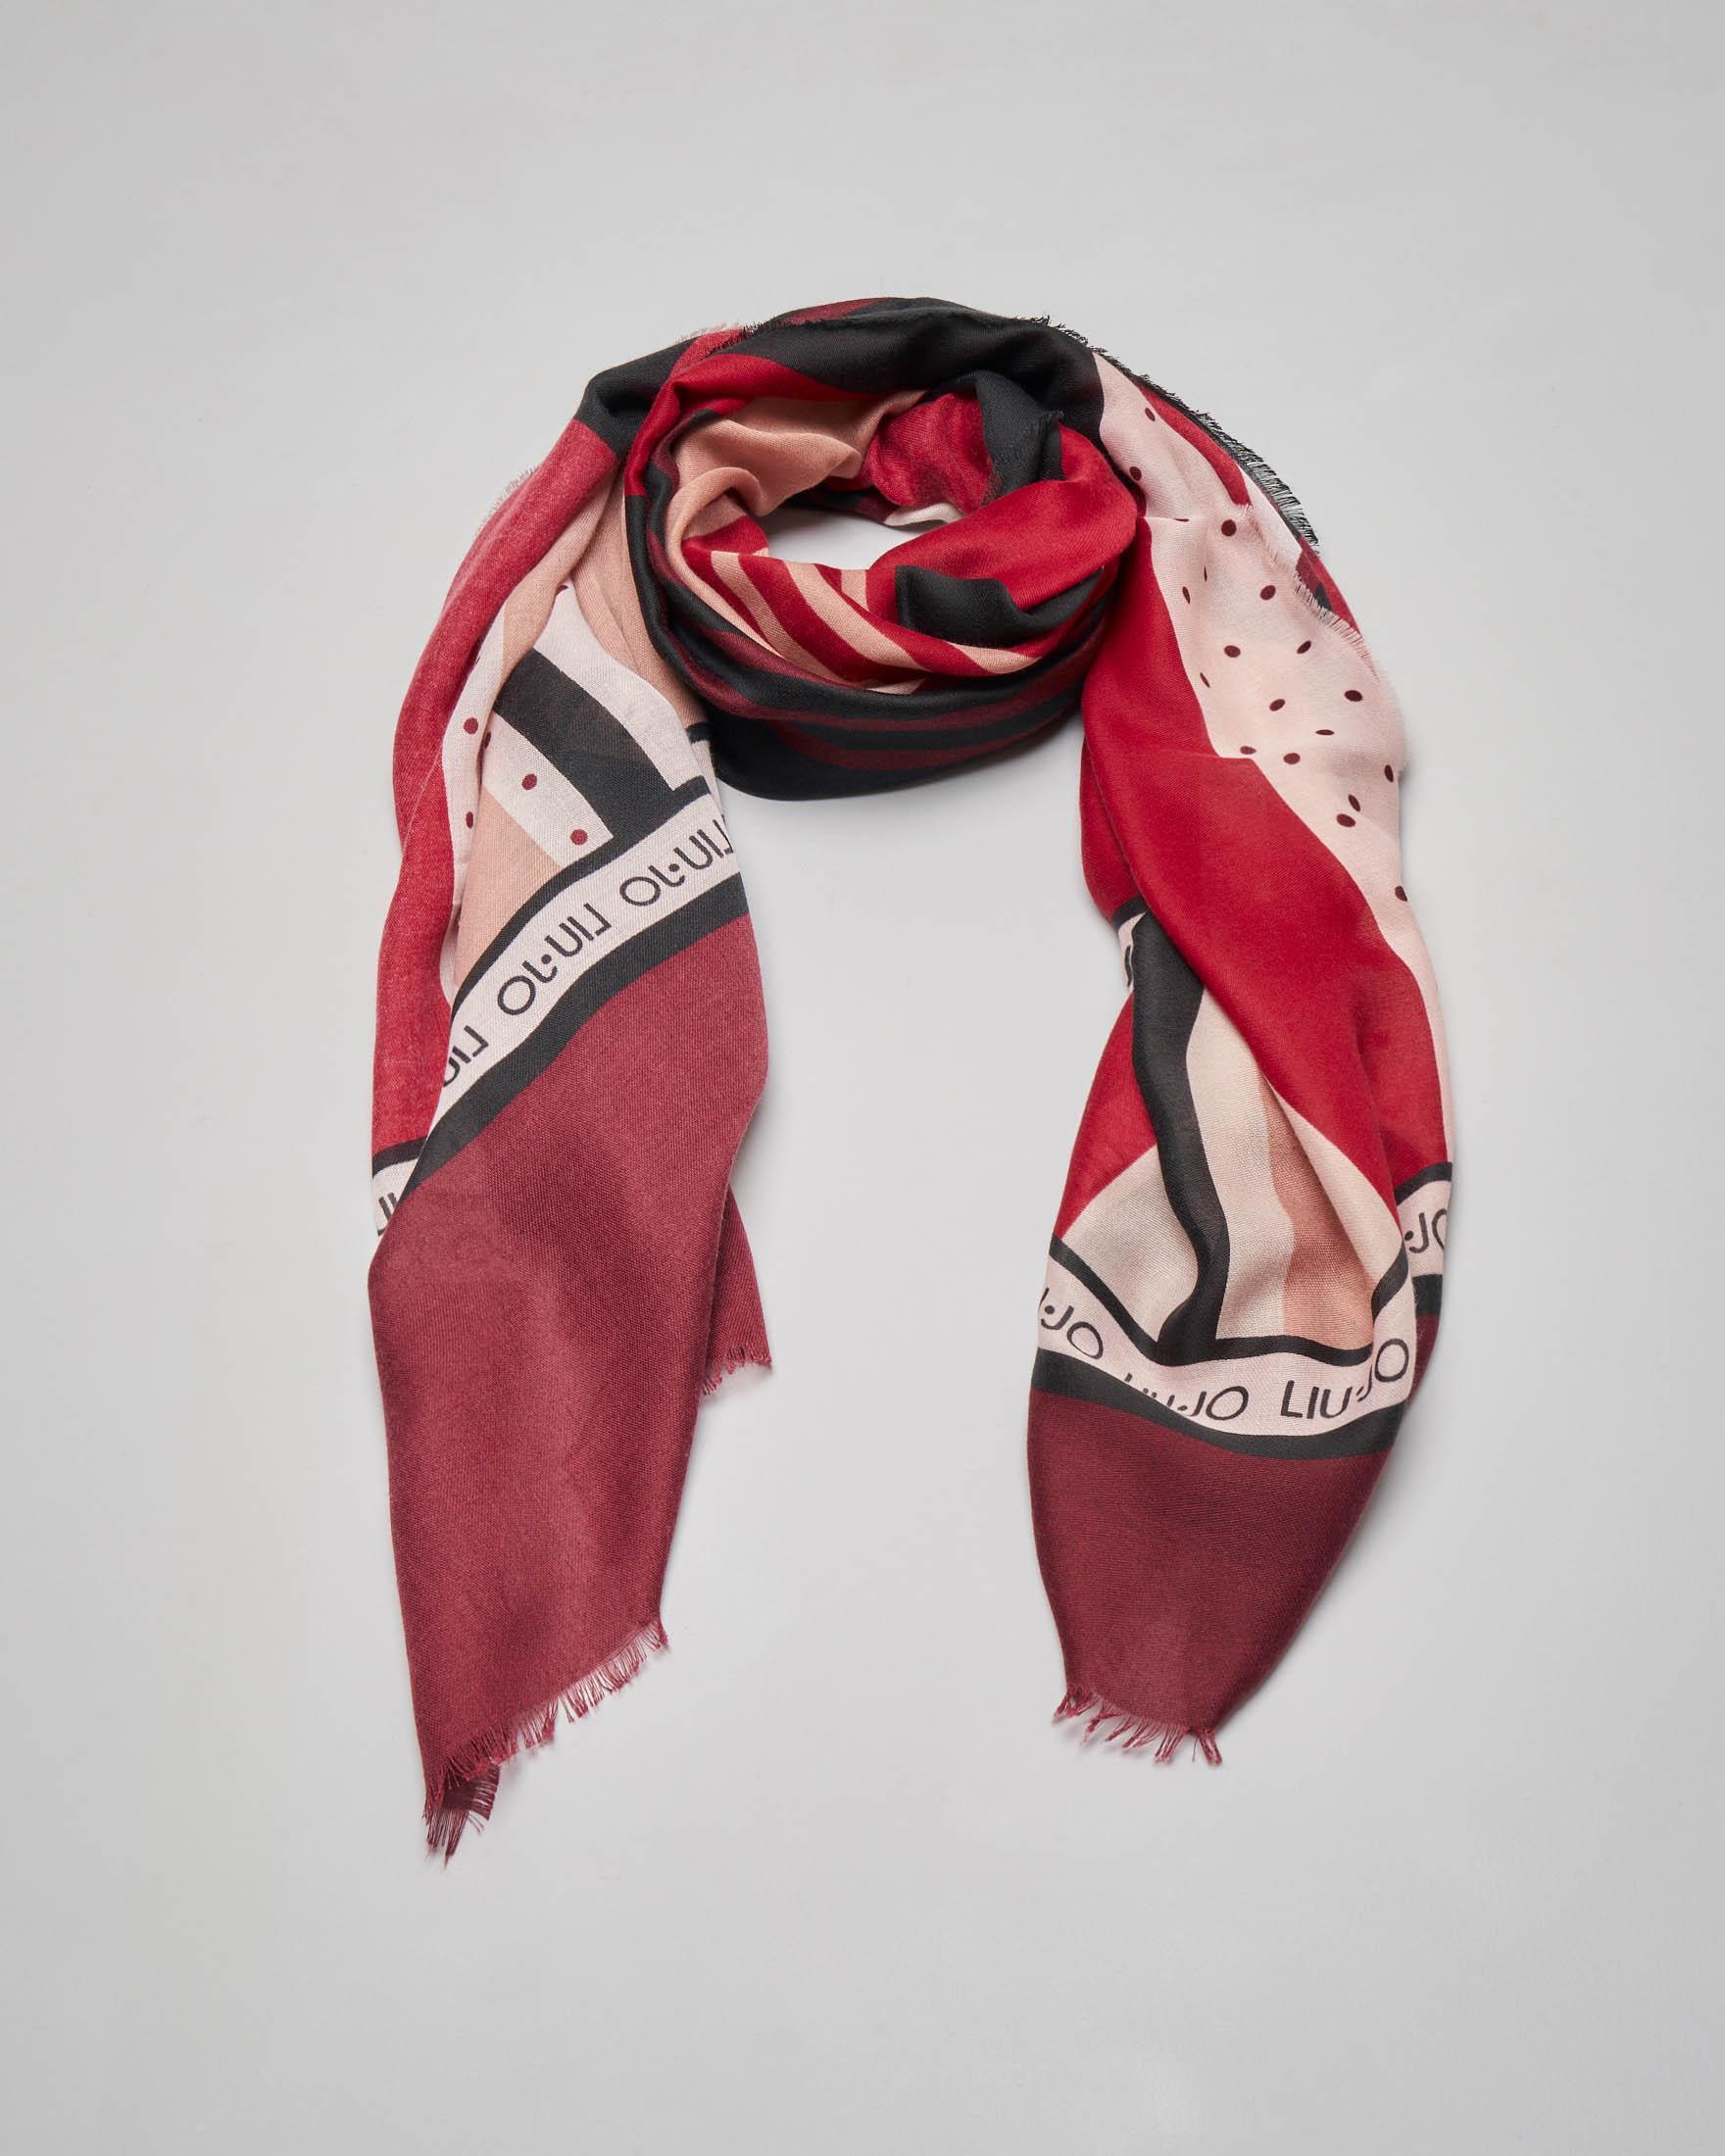 Sciarpa rossa con scritta logo e a fantasia patch